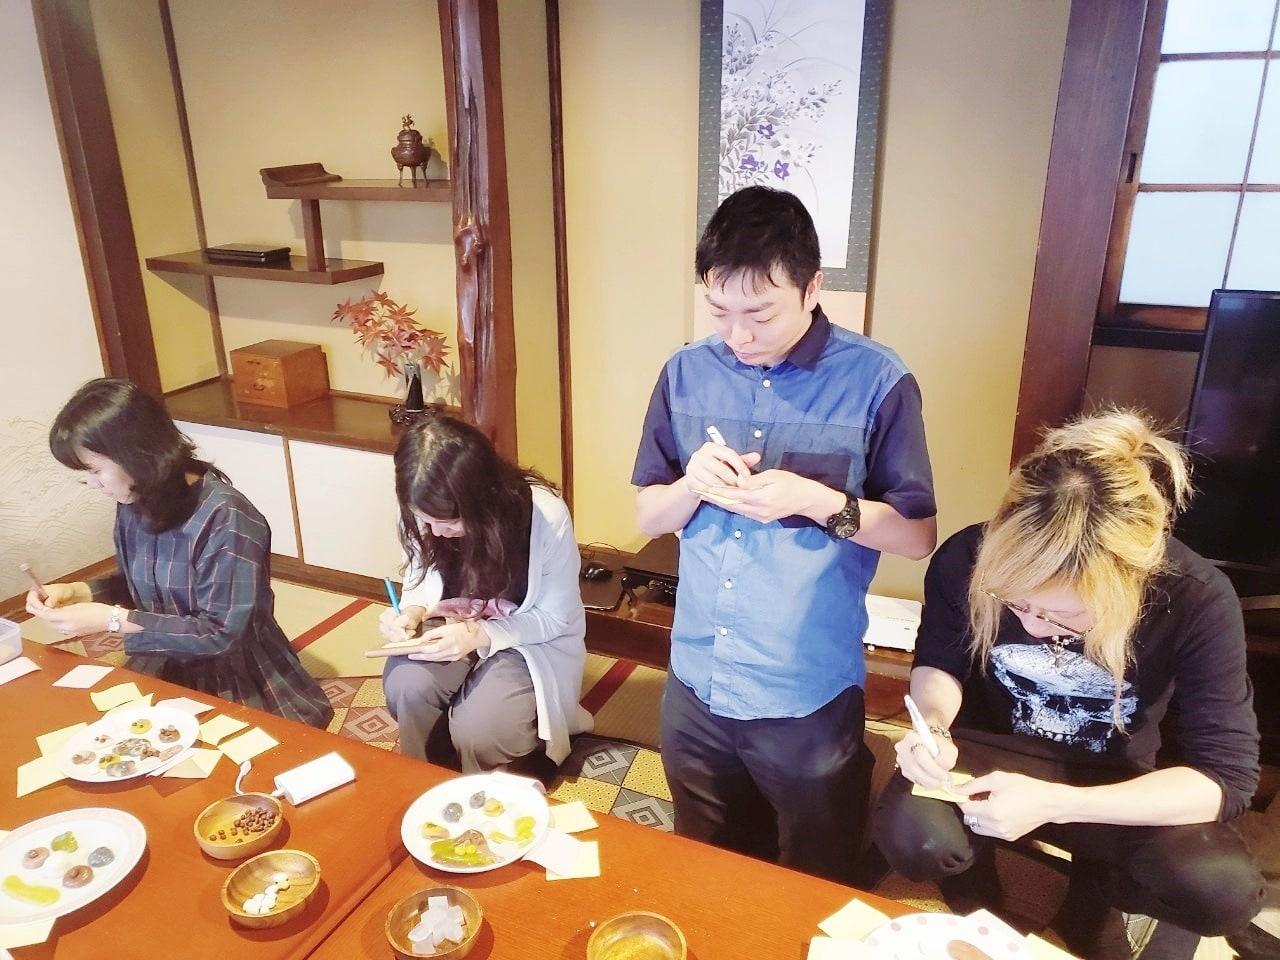 白玉で作った作品を前に、アート鑑賞している参加者たち